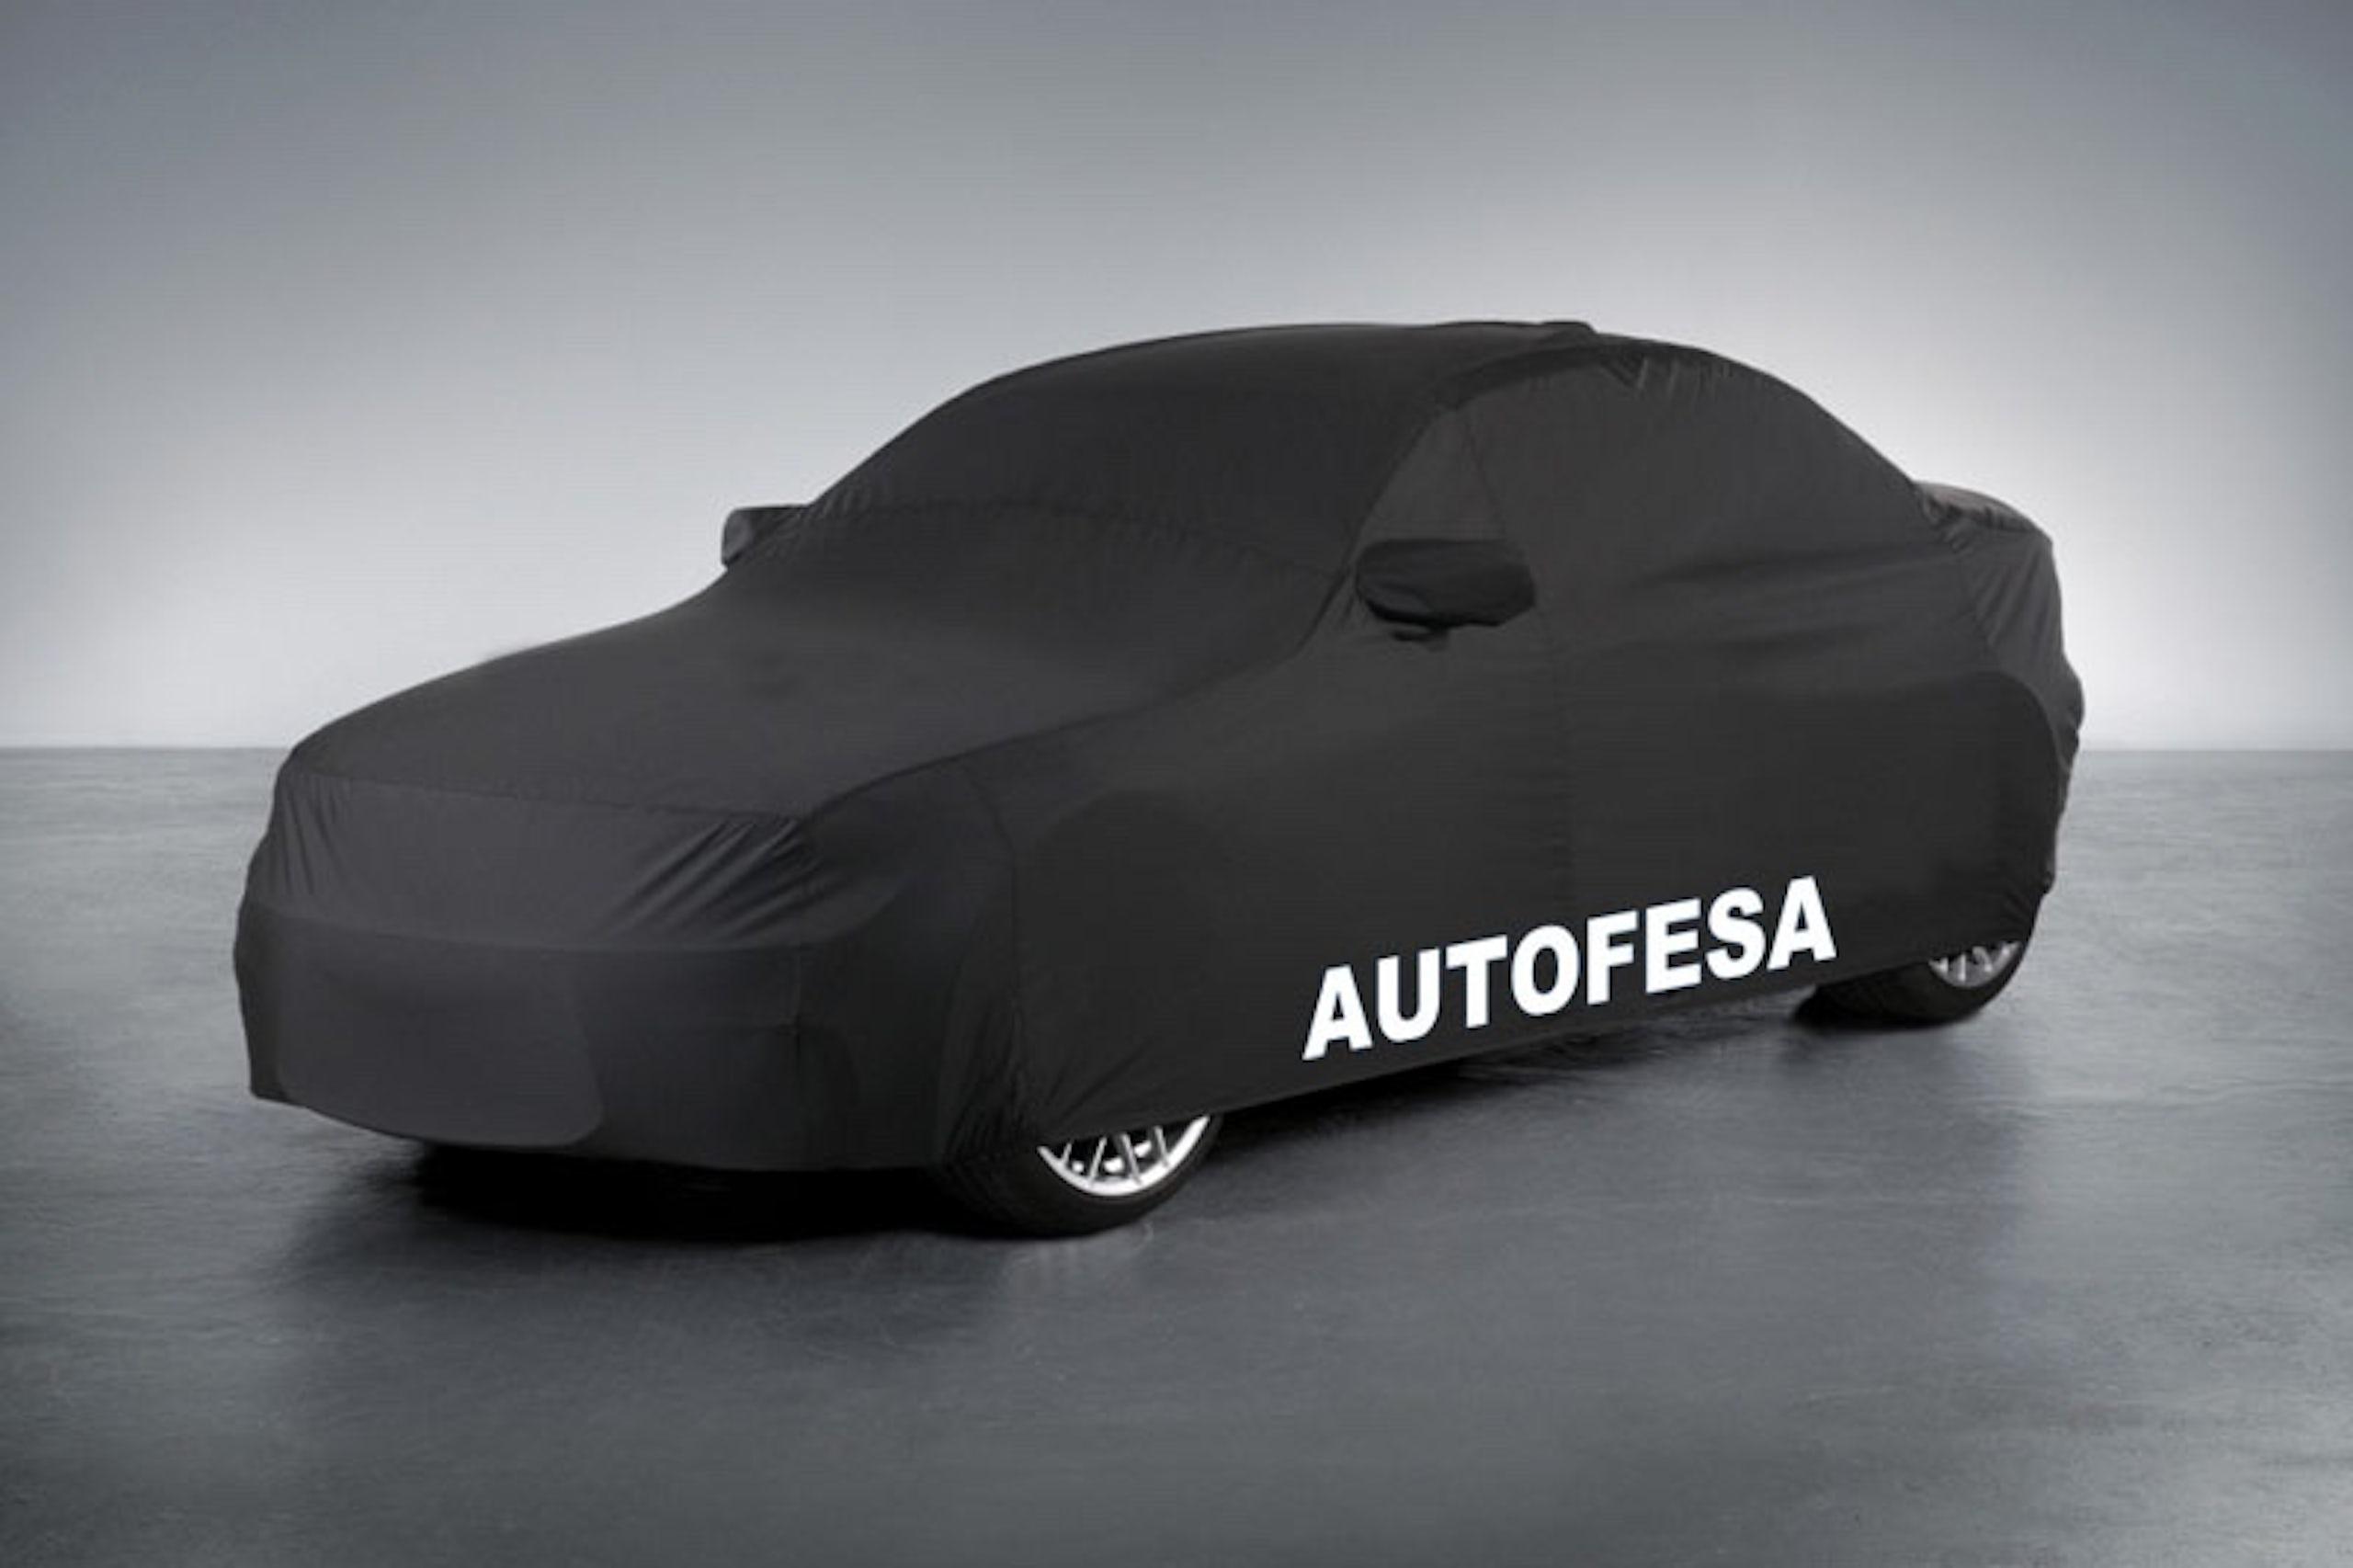 Audi Tt Roadster 2.0 TFSI 230cv quattro 2p Stronic Auto  S/S - Foto 20